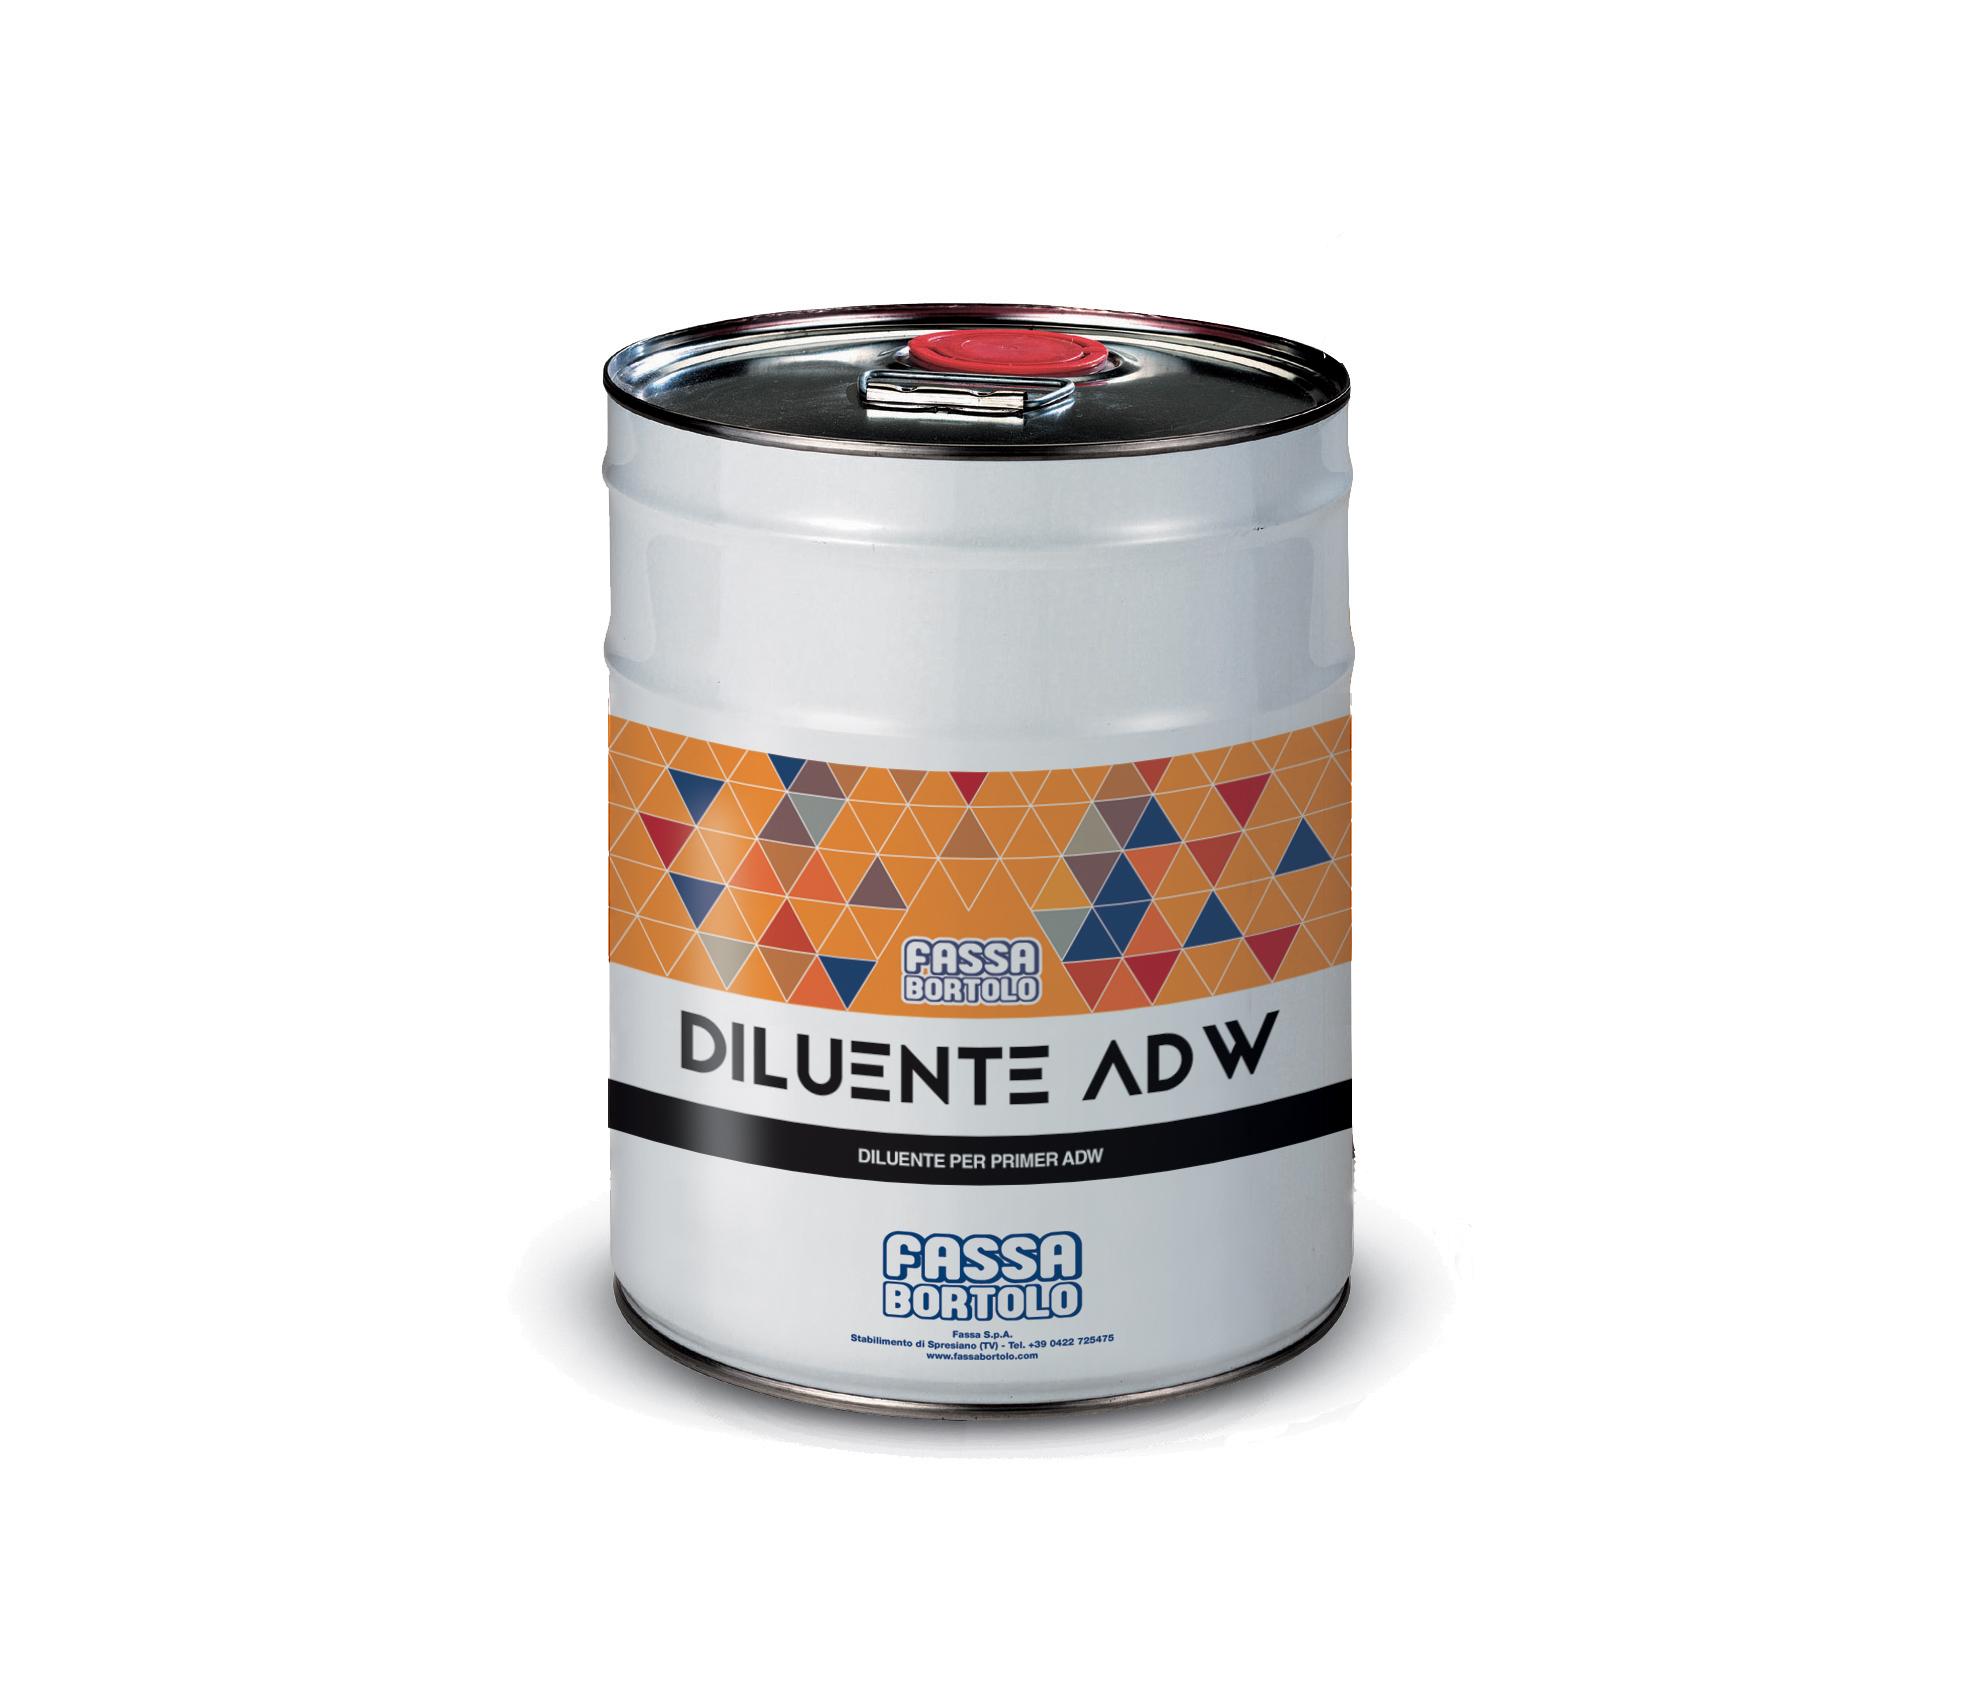 DILUENTE ADW: Diluente per PRIMER ADW